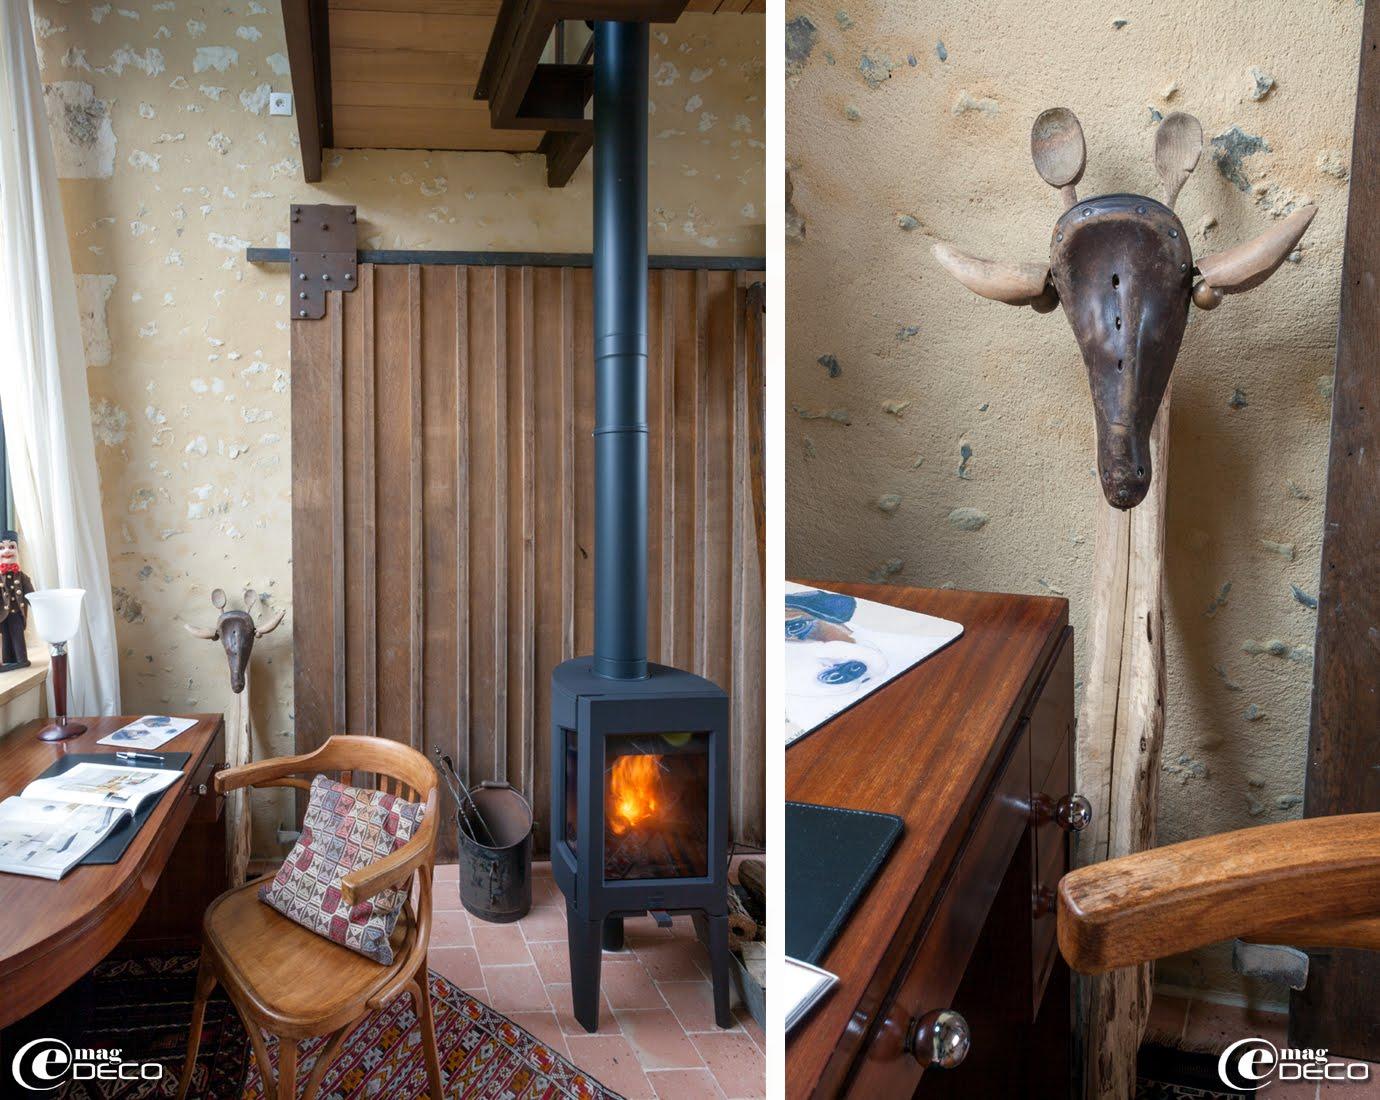 Poêle à bois 'Jotul' dans le jardin d'hiver de la maison d'hôtes 'La Maison d'Hector'